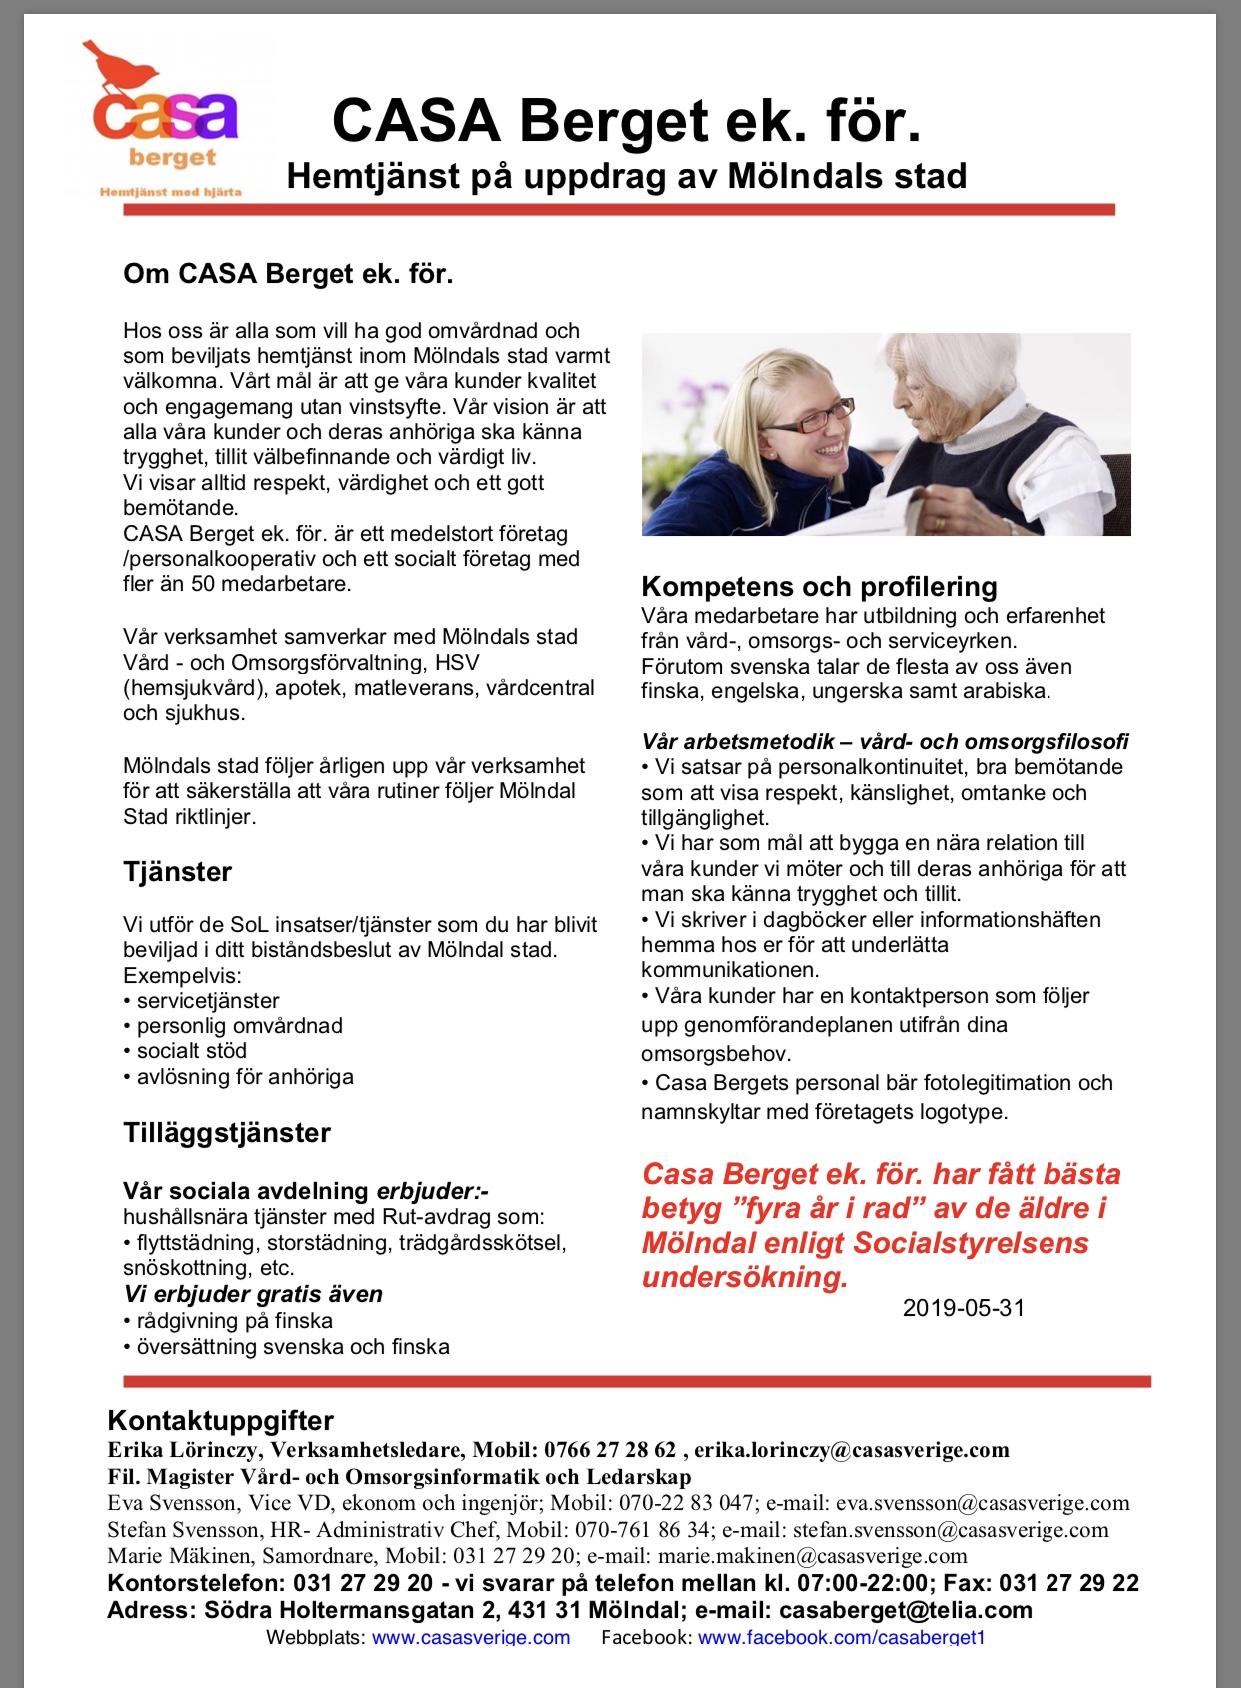 Hemtjänst presentation Casa Berget ek. för. 20190531